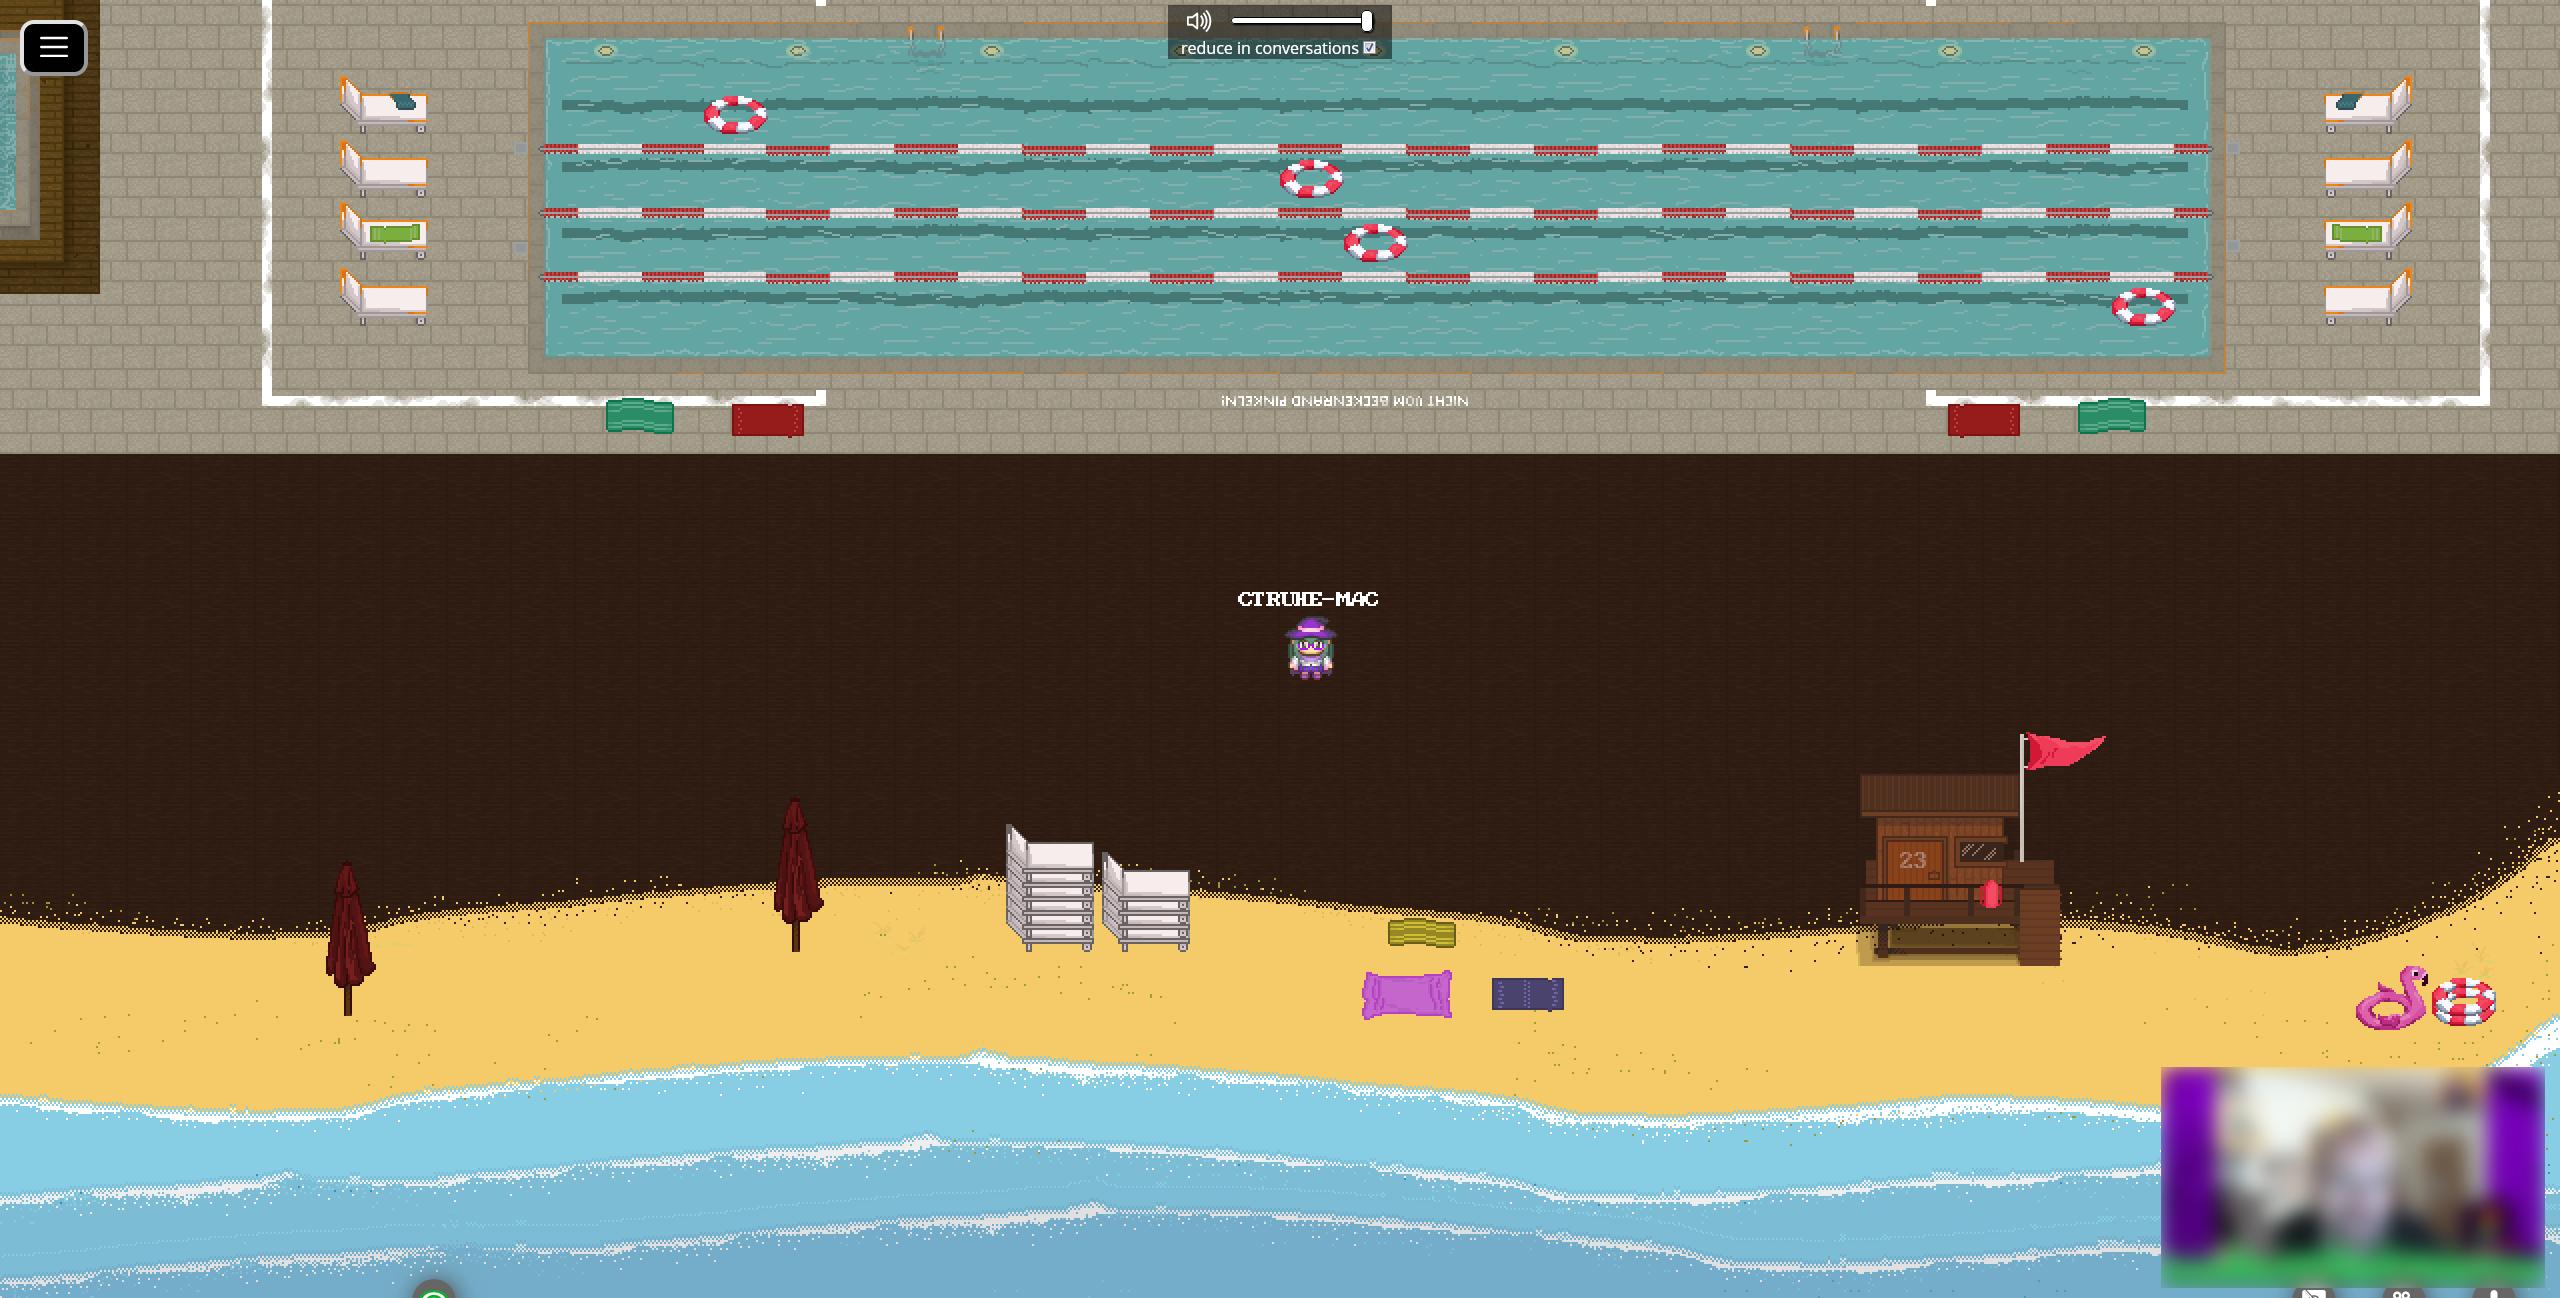 Screenshot eines Strandabschnittes mit aufgestapelten Liegen, Handtüchern und Schwimmhilfen im Sand und geschlossenen Sonnenschirmen. Ebenfalls findet sich dort ein Rettungsturm mit der Nummer 23. Zusätzlich sieht man ein Schwimmbecken mit mehreren Bahnen und einigen Liegen an den Enden.